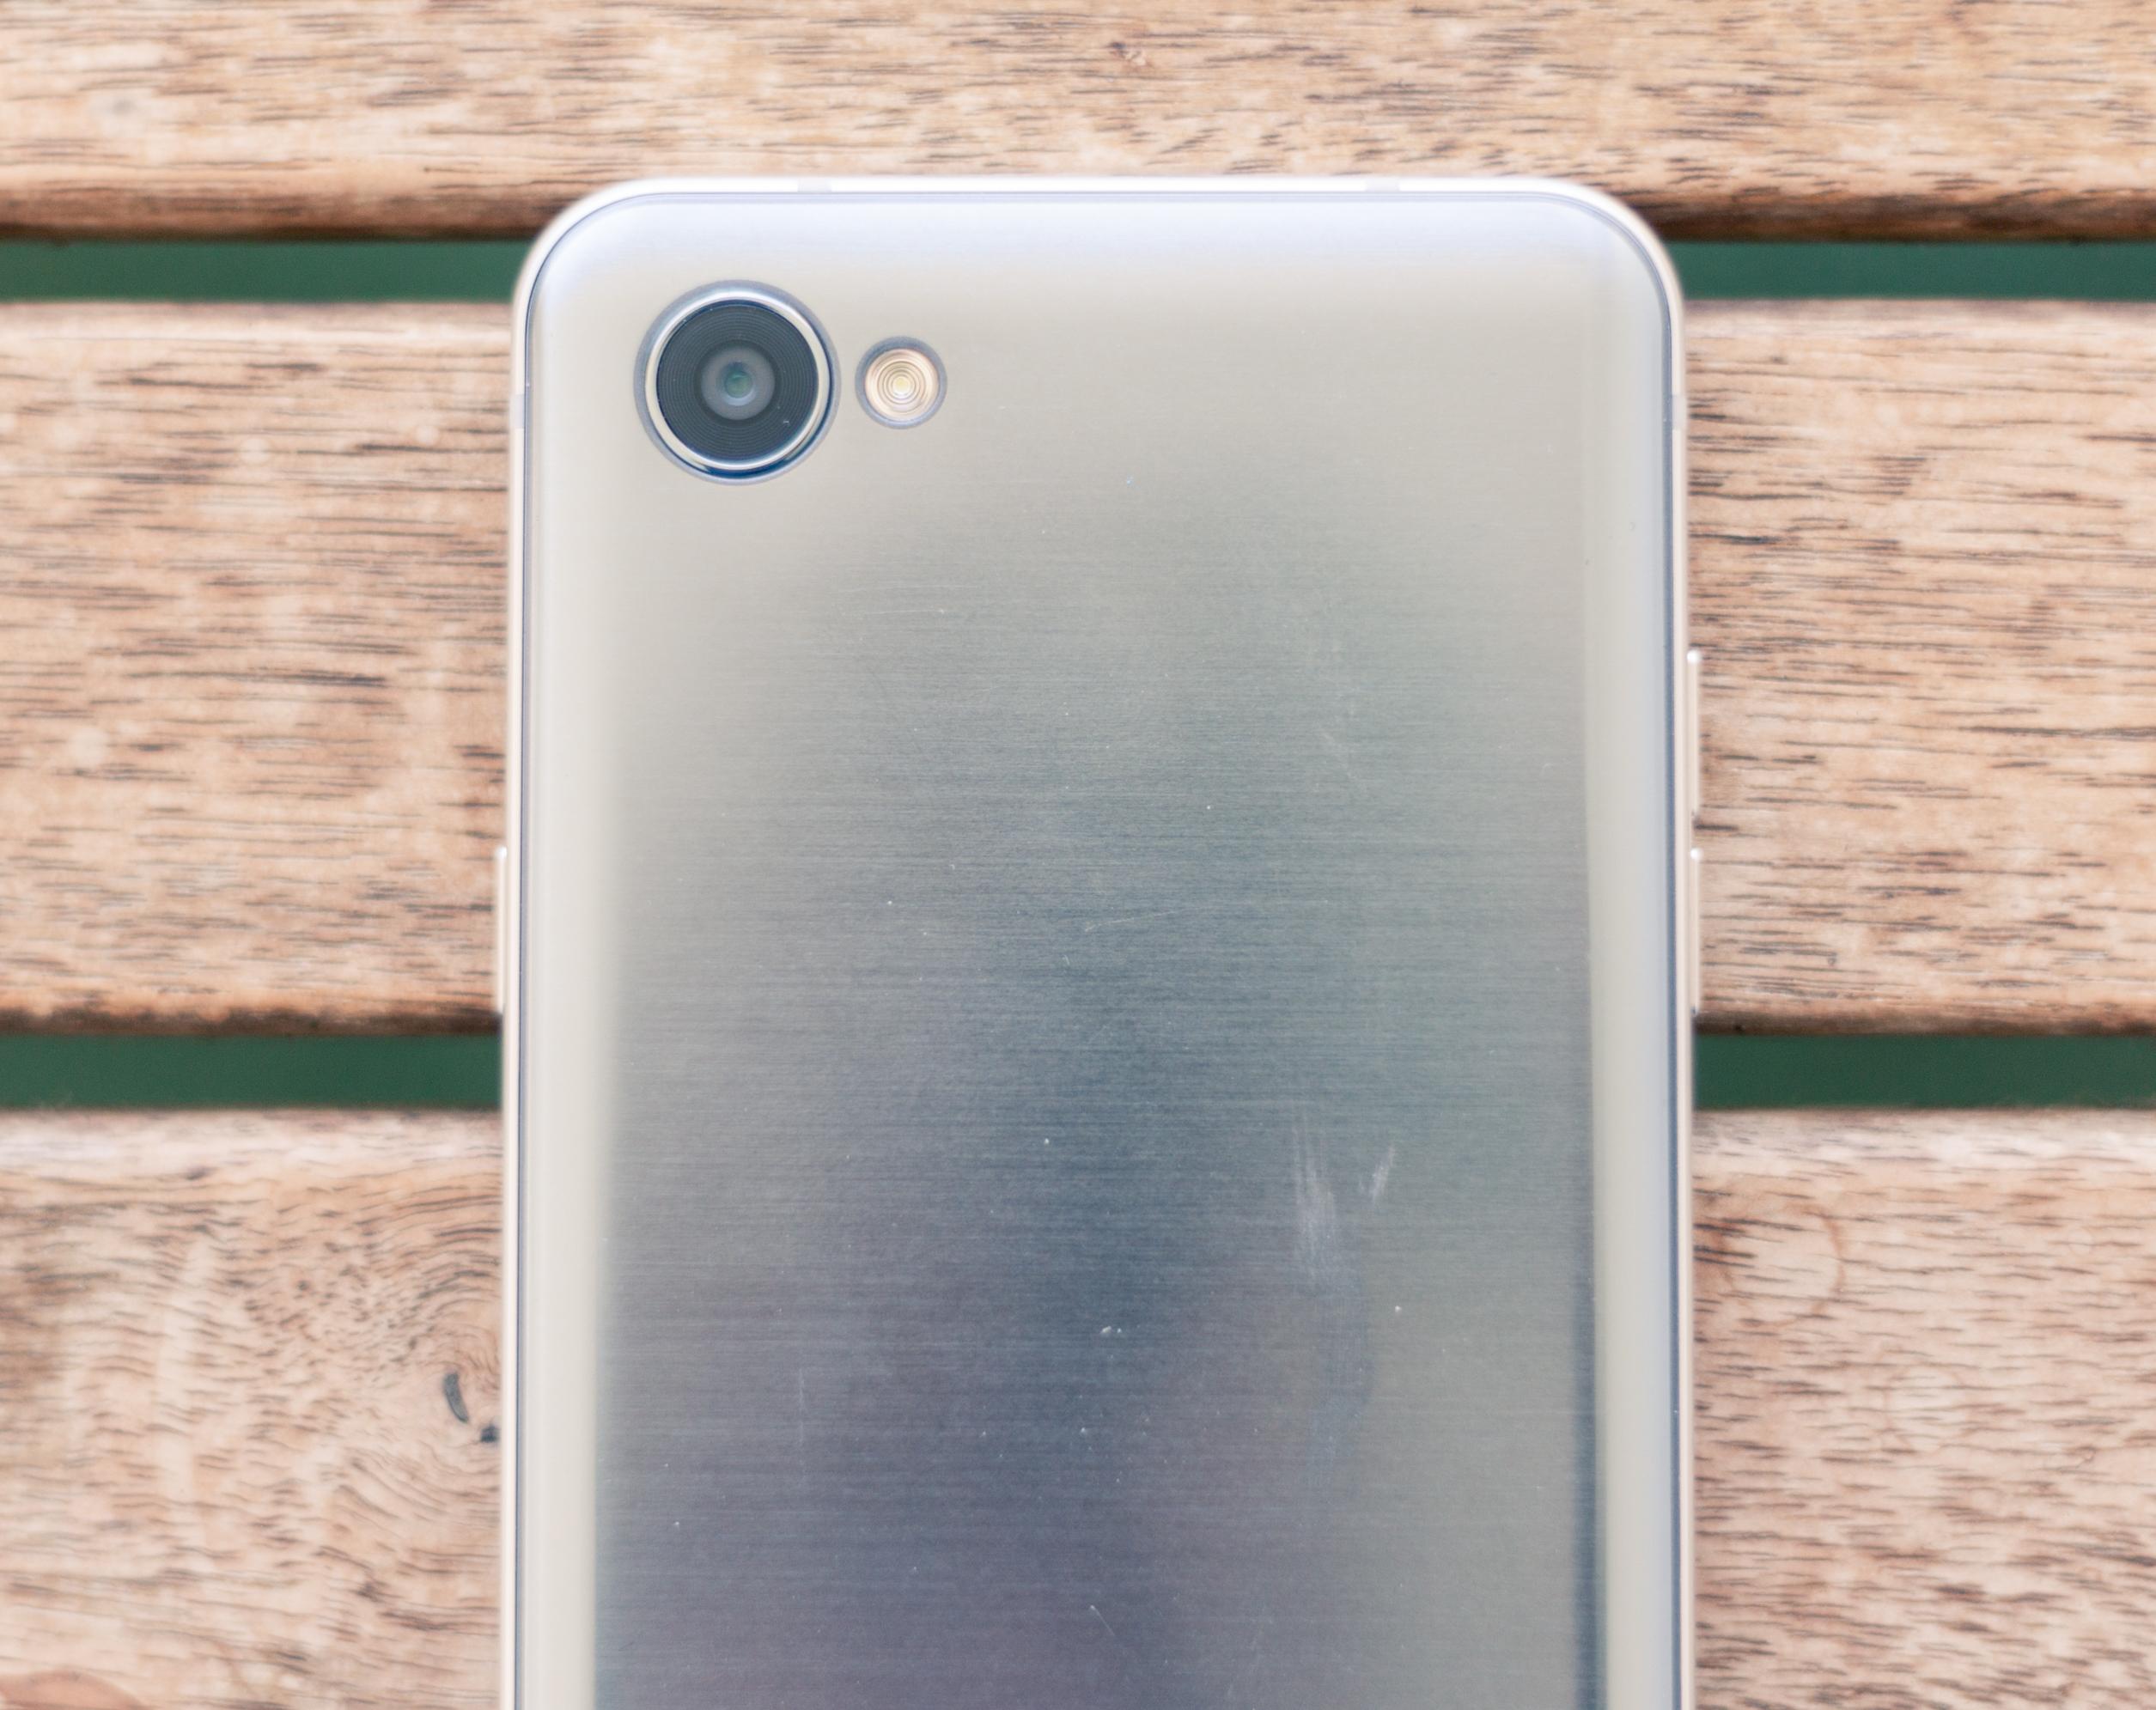 טוב מאוד איזה סמארטפון כדאי לקנות עד אלף שקל? - WiseBuy LI-74